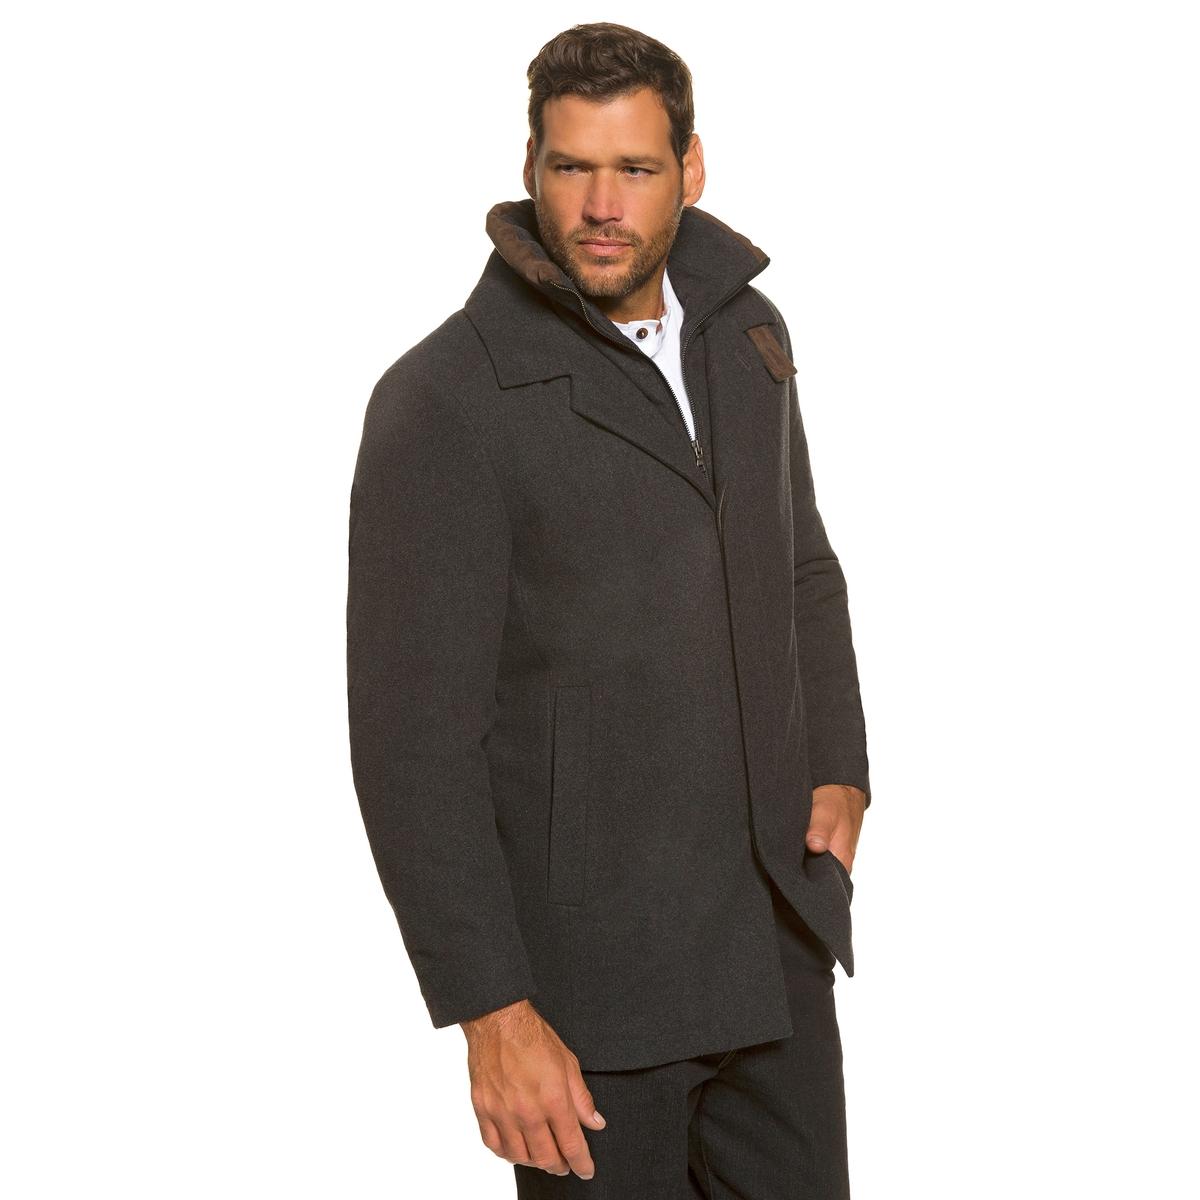 Пальто 50% шерстиПальто из шерсти и настоящего кашемира  ! Первоклассный дизайн, функциональное пальто со встроенным жилетом . Воротник на подкладке, вставки под кожу, невидимая застежка на молнию . 2 нагрудных кармана, 2 сдвоенных кармана . Длина спинки ок. 84 - 93 см .<br><br>Цвет: антрацит<br>Размер: 7XL